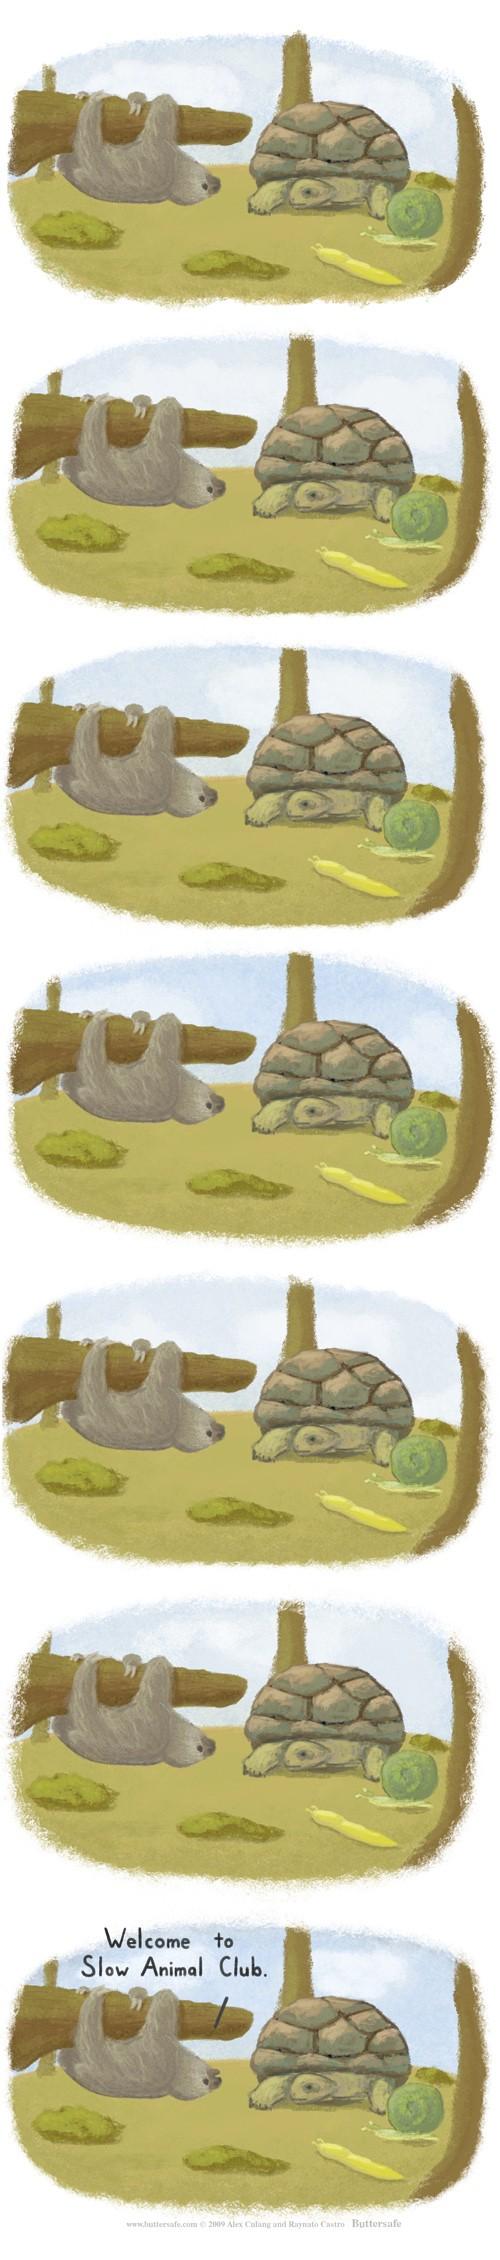 hornoxe.com_picdump199_004